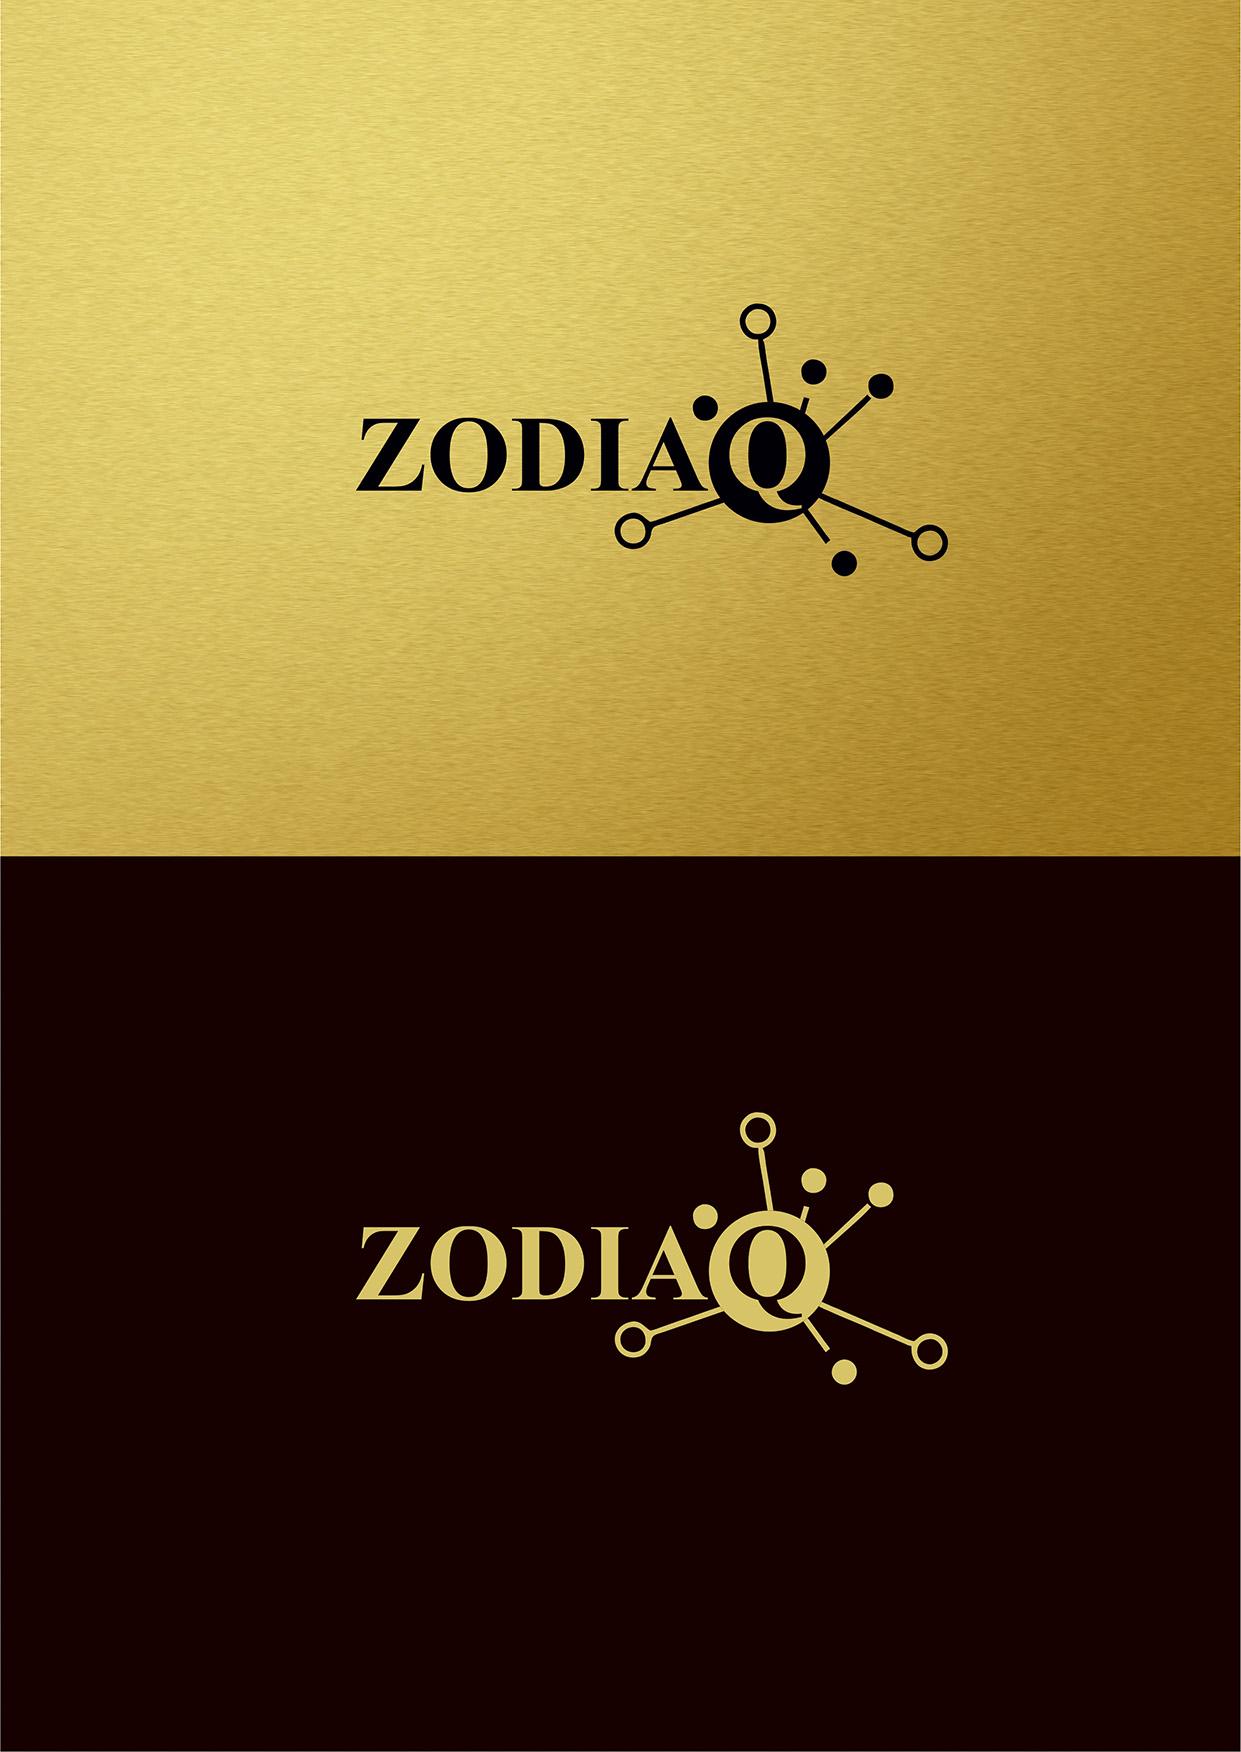 Разработка логотипа и основных элементов стиля фото f_428598dc20433357.jpg